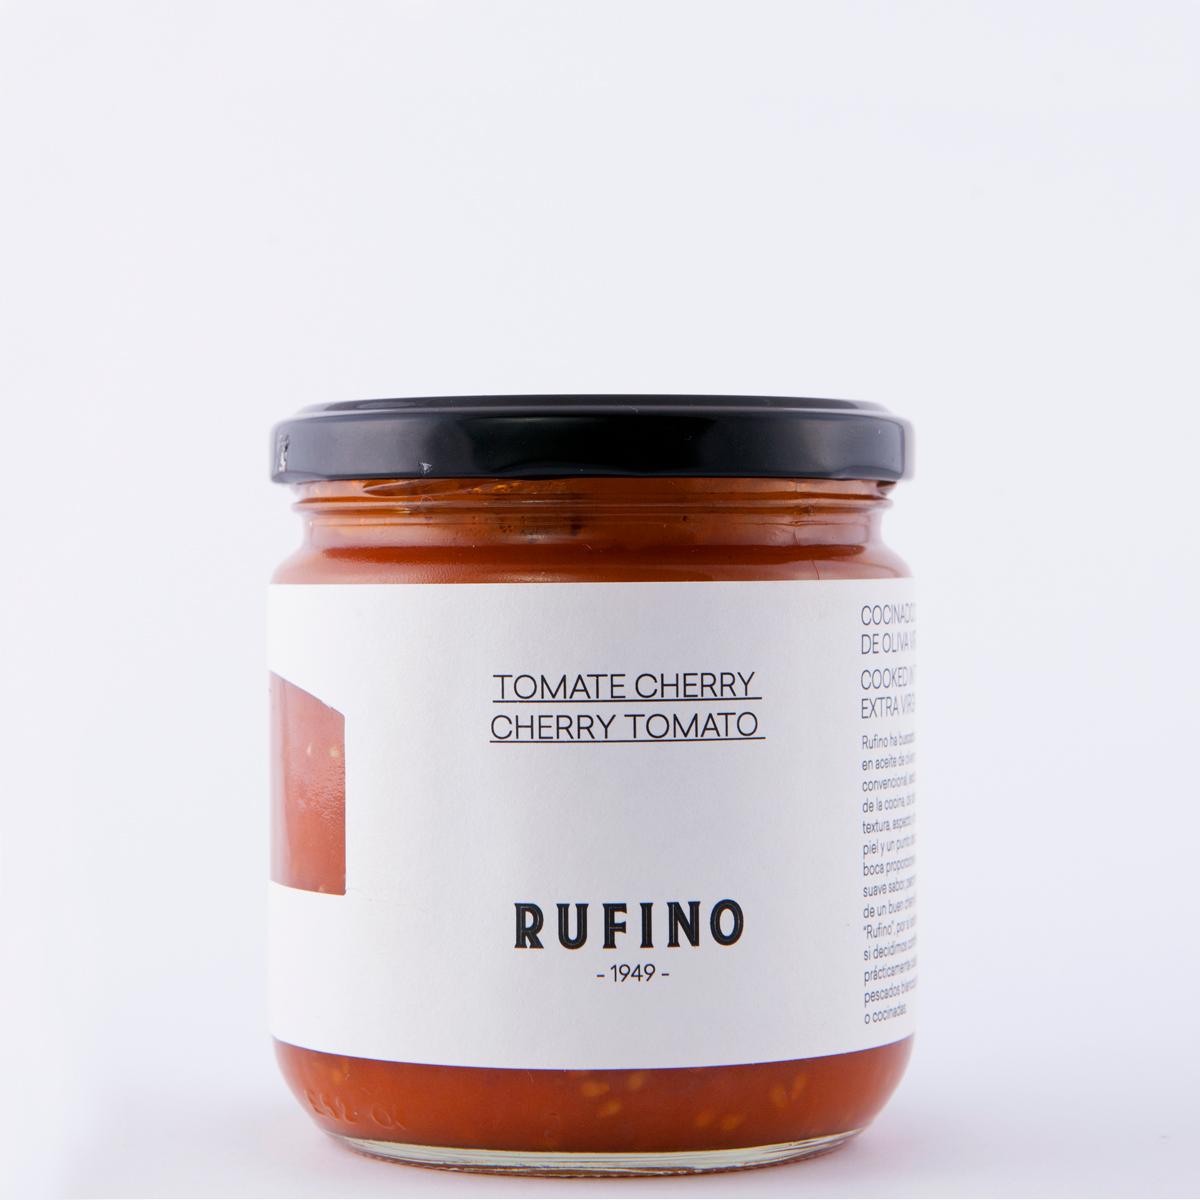 conservas-rufino-tomate-cherry-cocinado